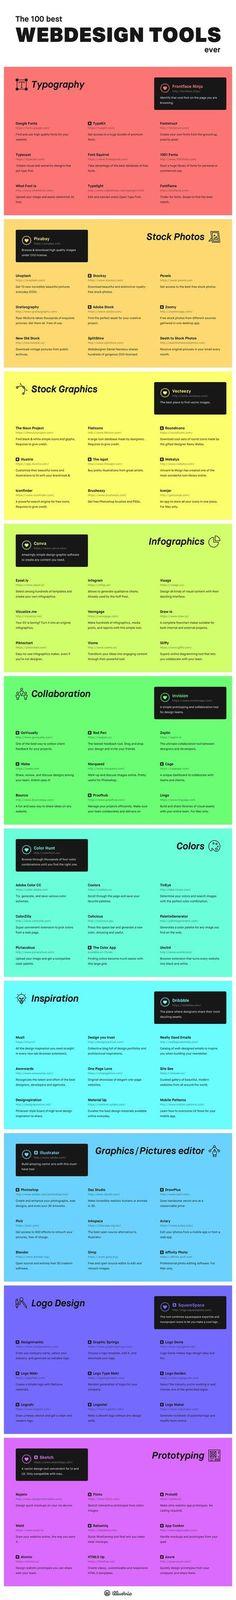 Les webdesigners vont adorer : infographie 100 meilleures ressources en ligne pour les créatifs.